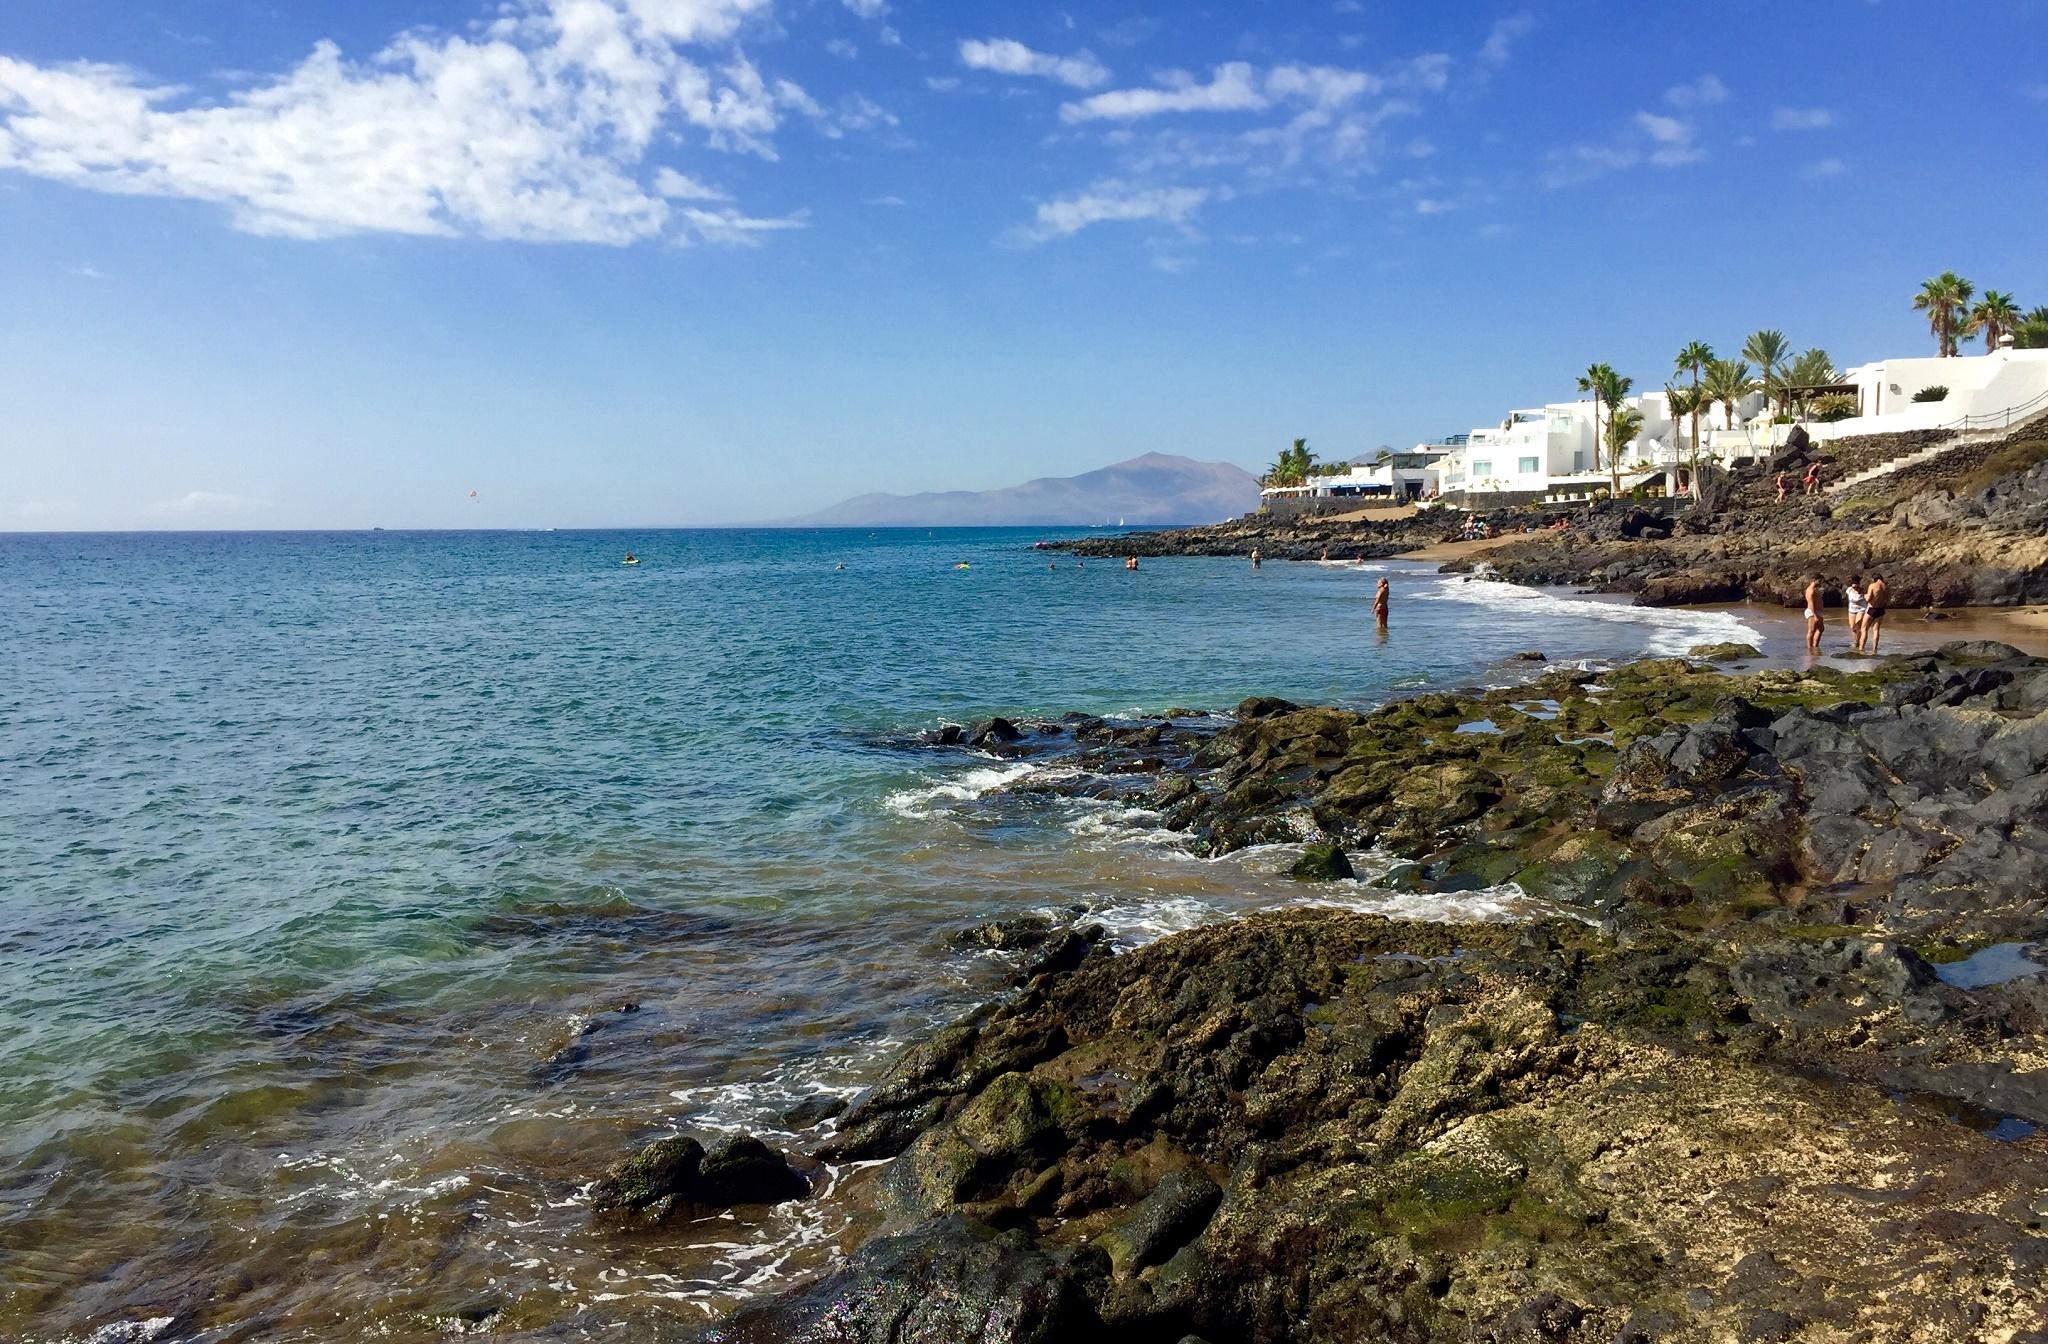 La Peñita, Puerto del Carmen, 2 de noviembre